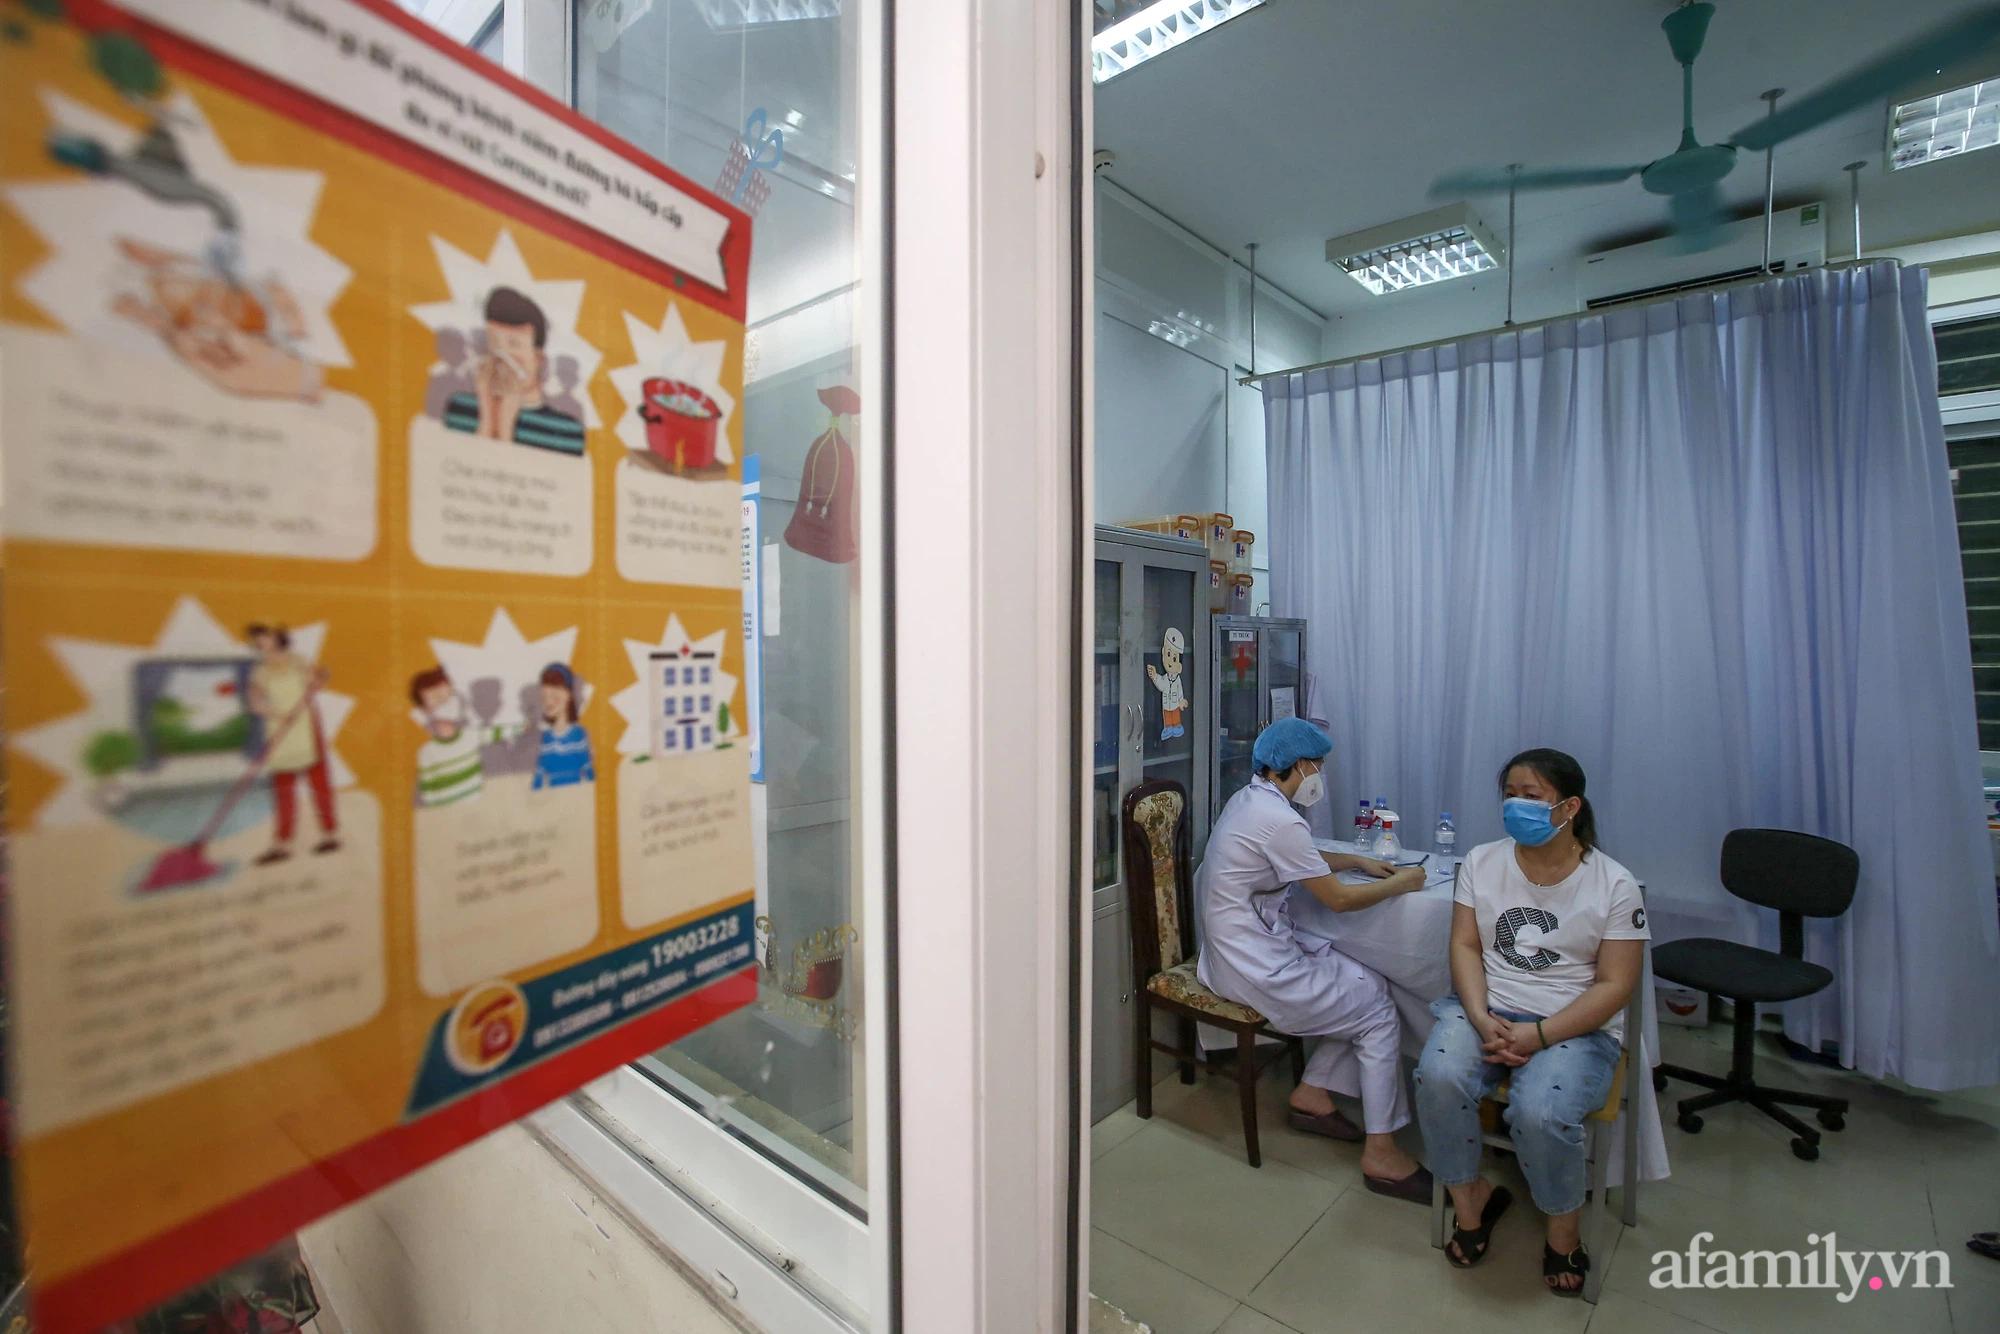 Ngày đầu tiên người dân Hà Nội bắt đầu được tiêm vaccine phòng dịch COVID-19 quy mô lớn nhất lịch sử - Ảnh 8.